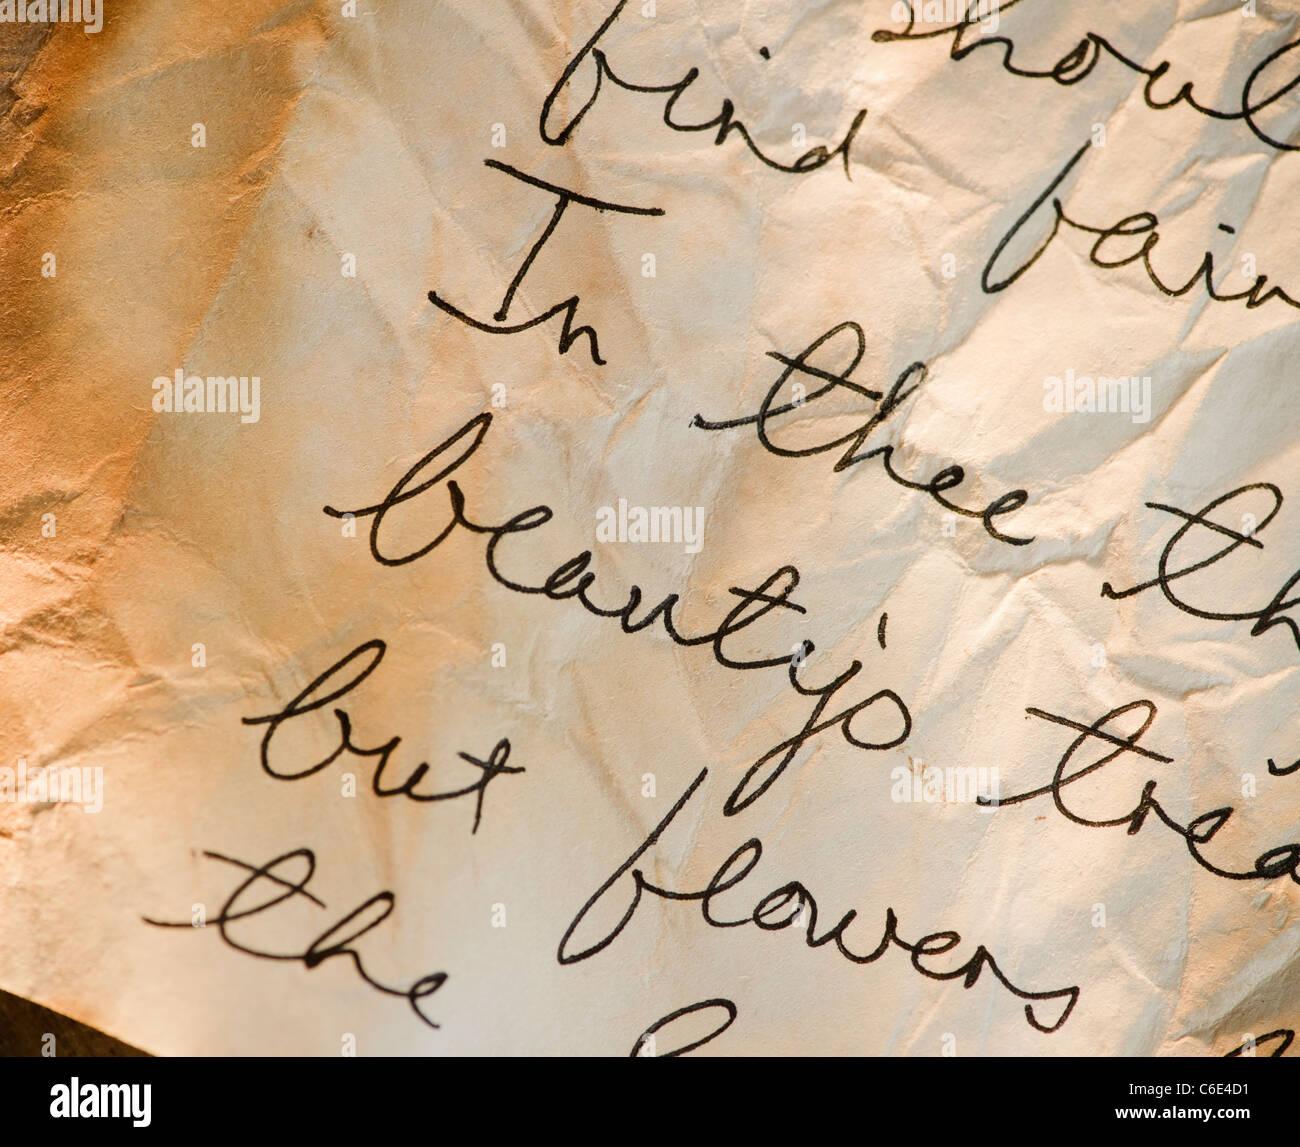 Nahaufnahme eines antiken Liebesbrief auf Pergament Stockbild